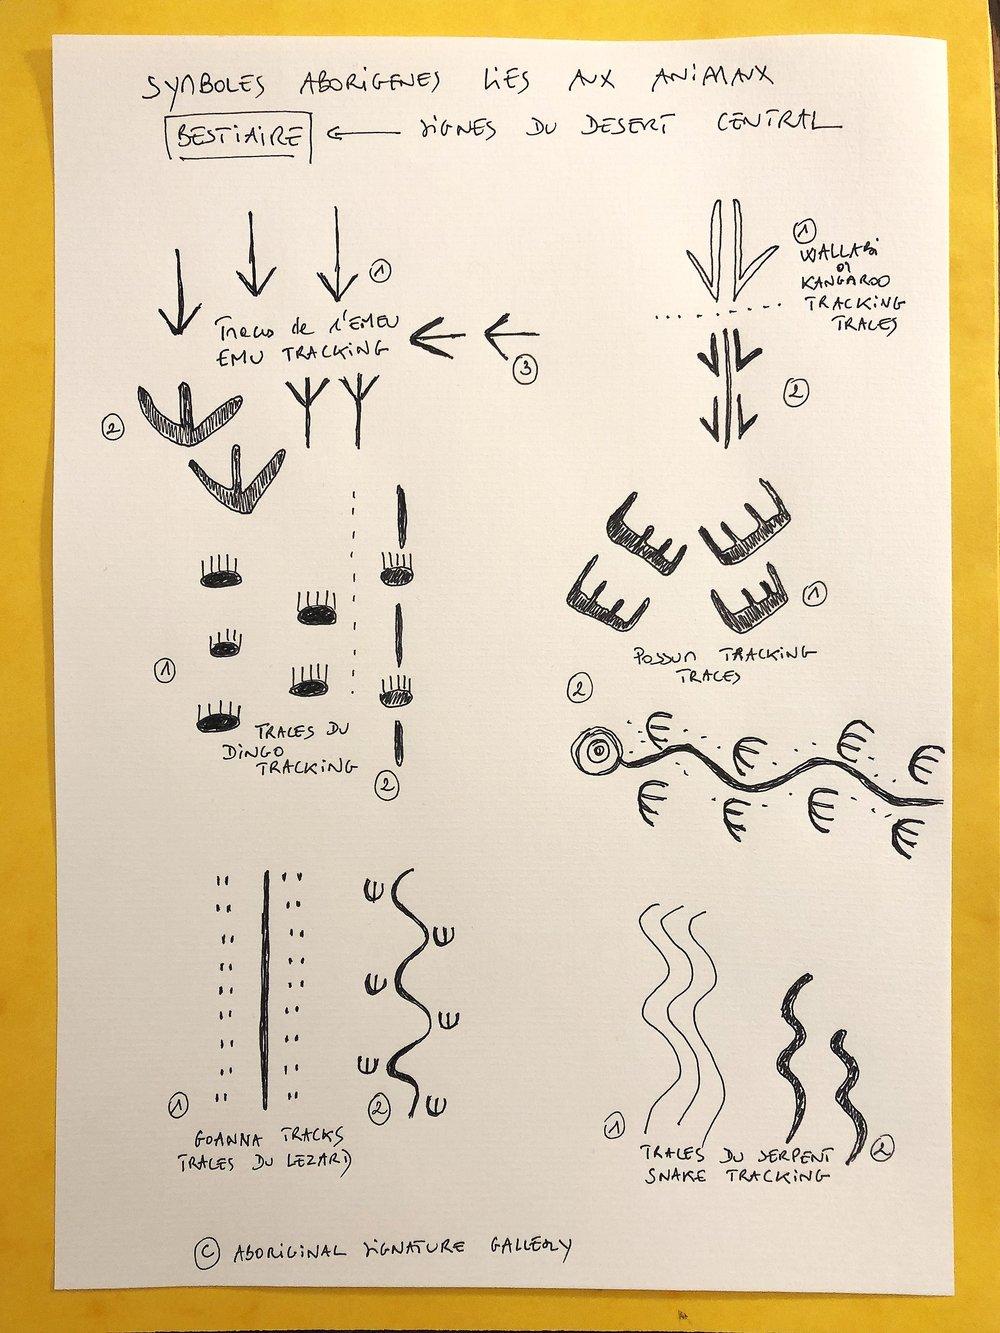 Différents symboles aborigènes liés aux traces des animaux totémiques du bush : kangourou, wallabi, opossum, dingo, goanna, serpent, émeu... De nombreuses variantes peuvent exister dans l'association des symboles, même si les traces sont très proches de celles empiriques laissées par les animaux dans le sable et la terre rouge.